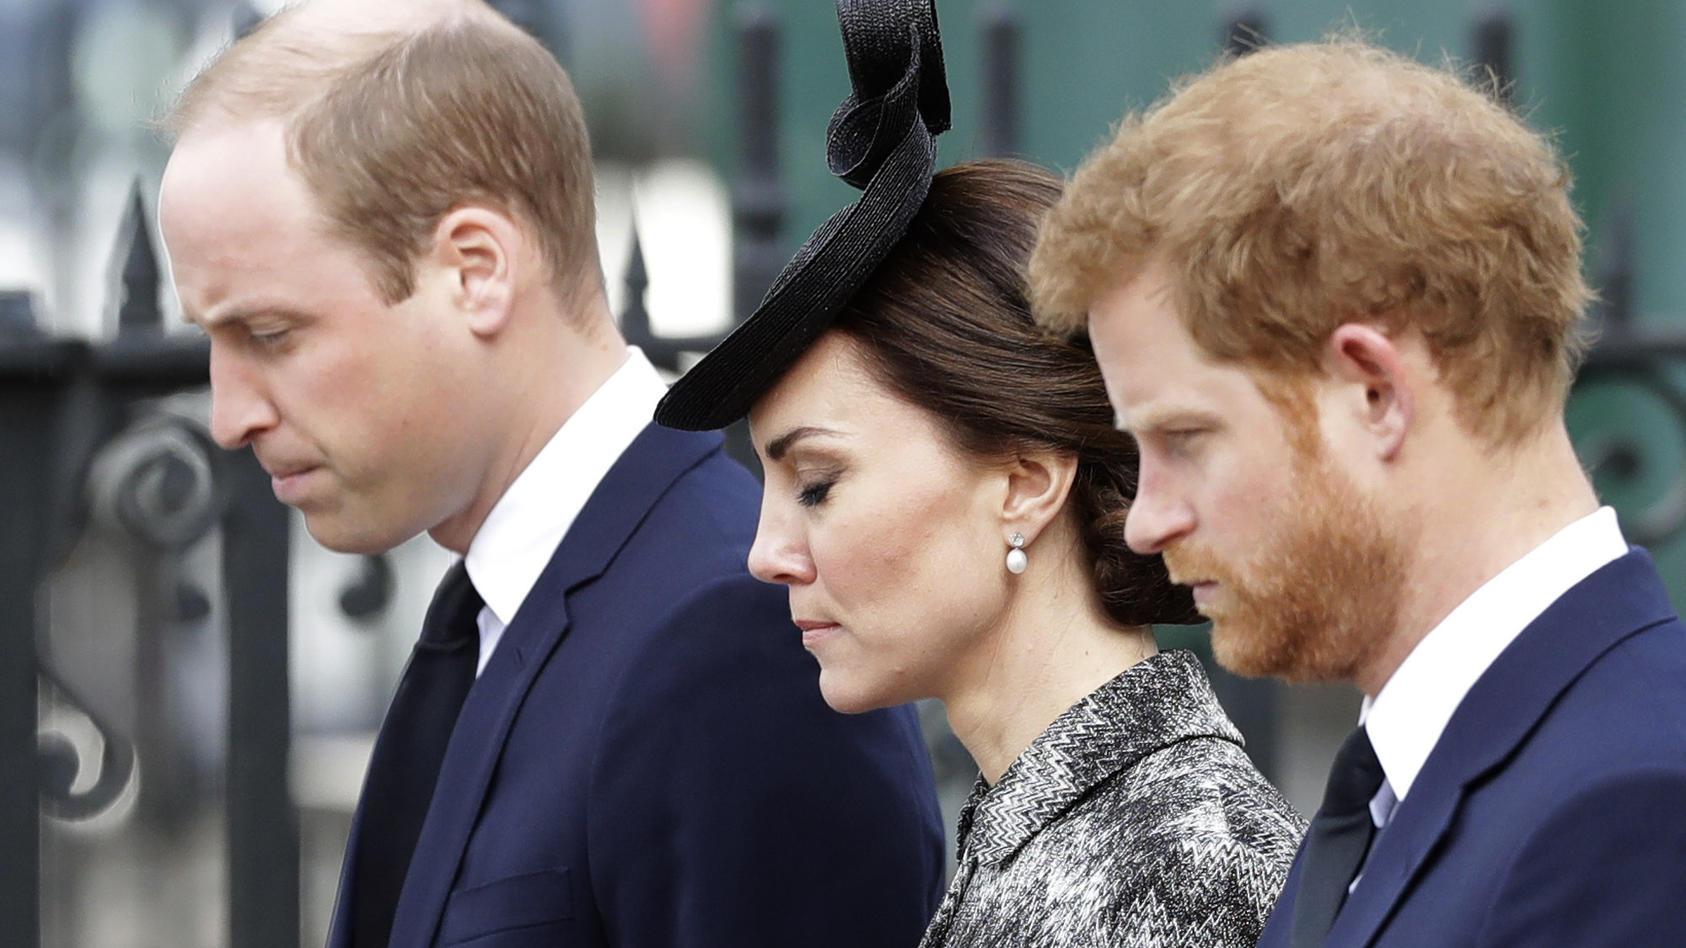 Herzogin Kate (Mitte) soll helfen, die zerstrittenen Brüder, Prinz William (r.) und Prinz Harry (l.), zu versöhnen